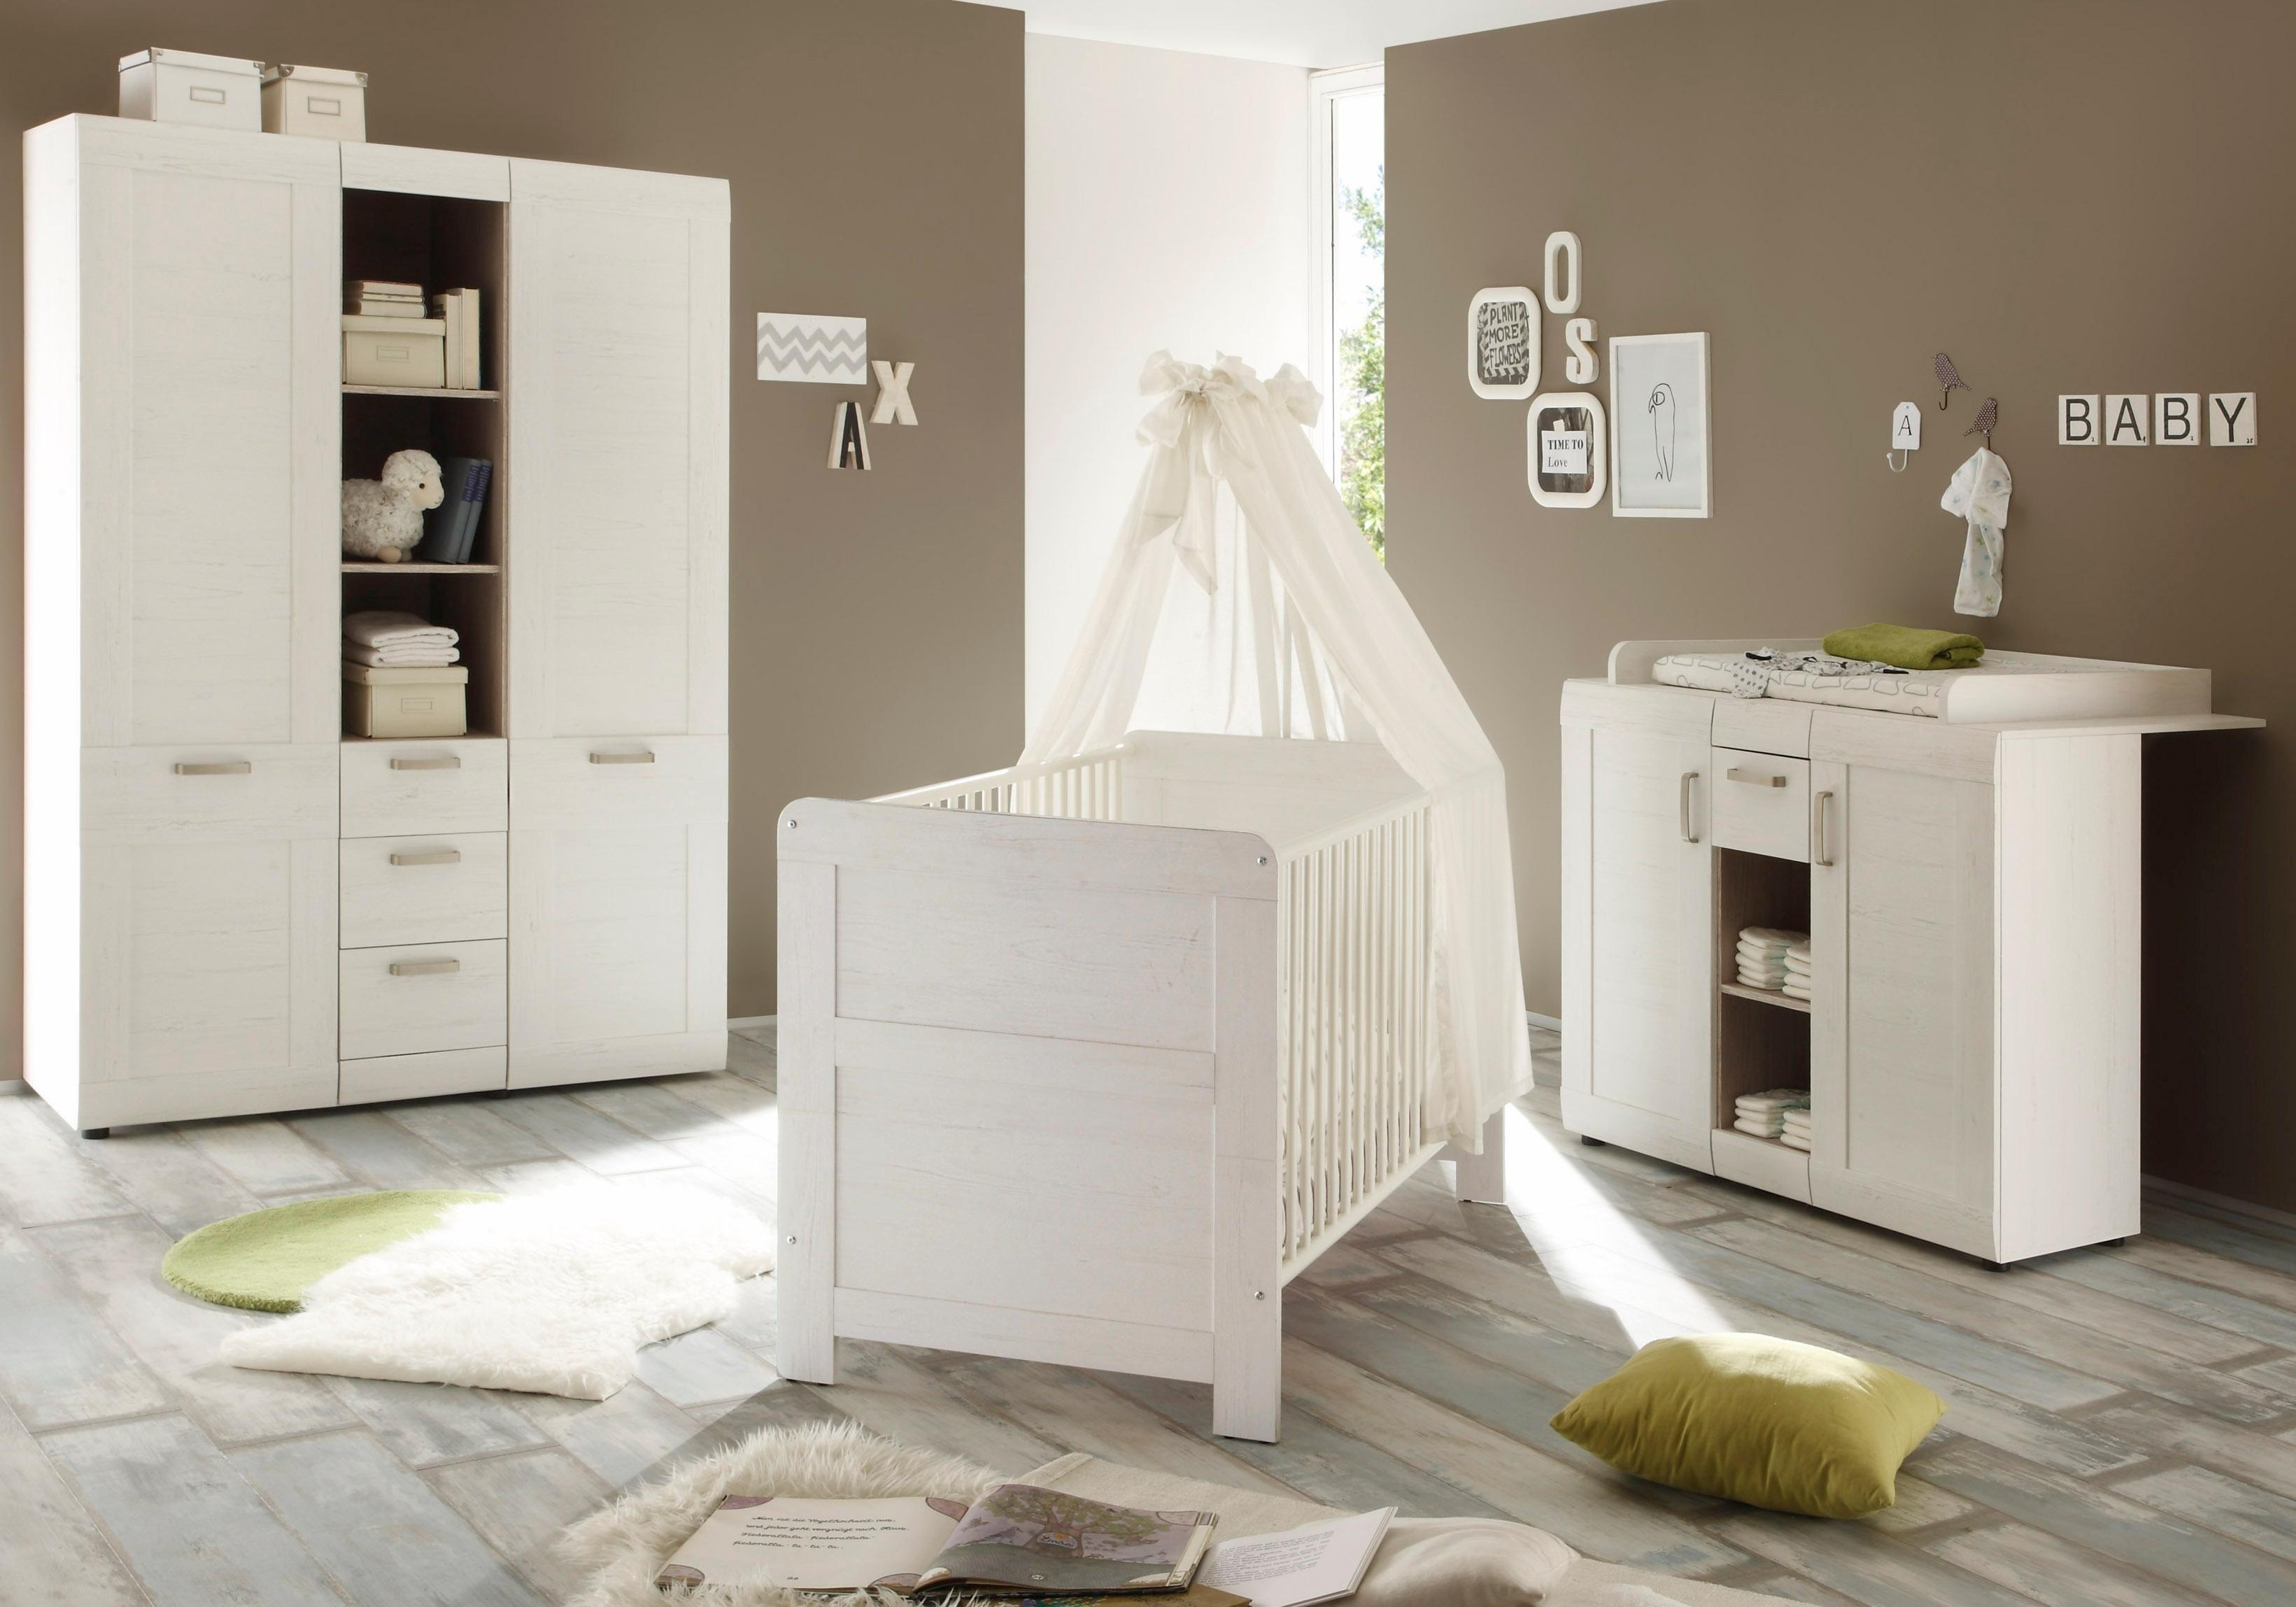 Babykamer Compleet Te Koop.Complete Babykamer Shoppen Nu Gratis Thuisbezorgd Otto